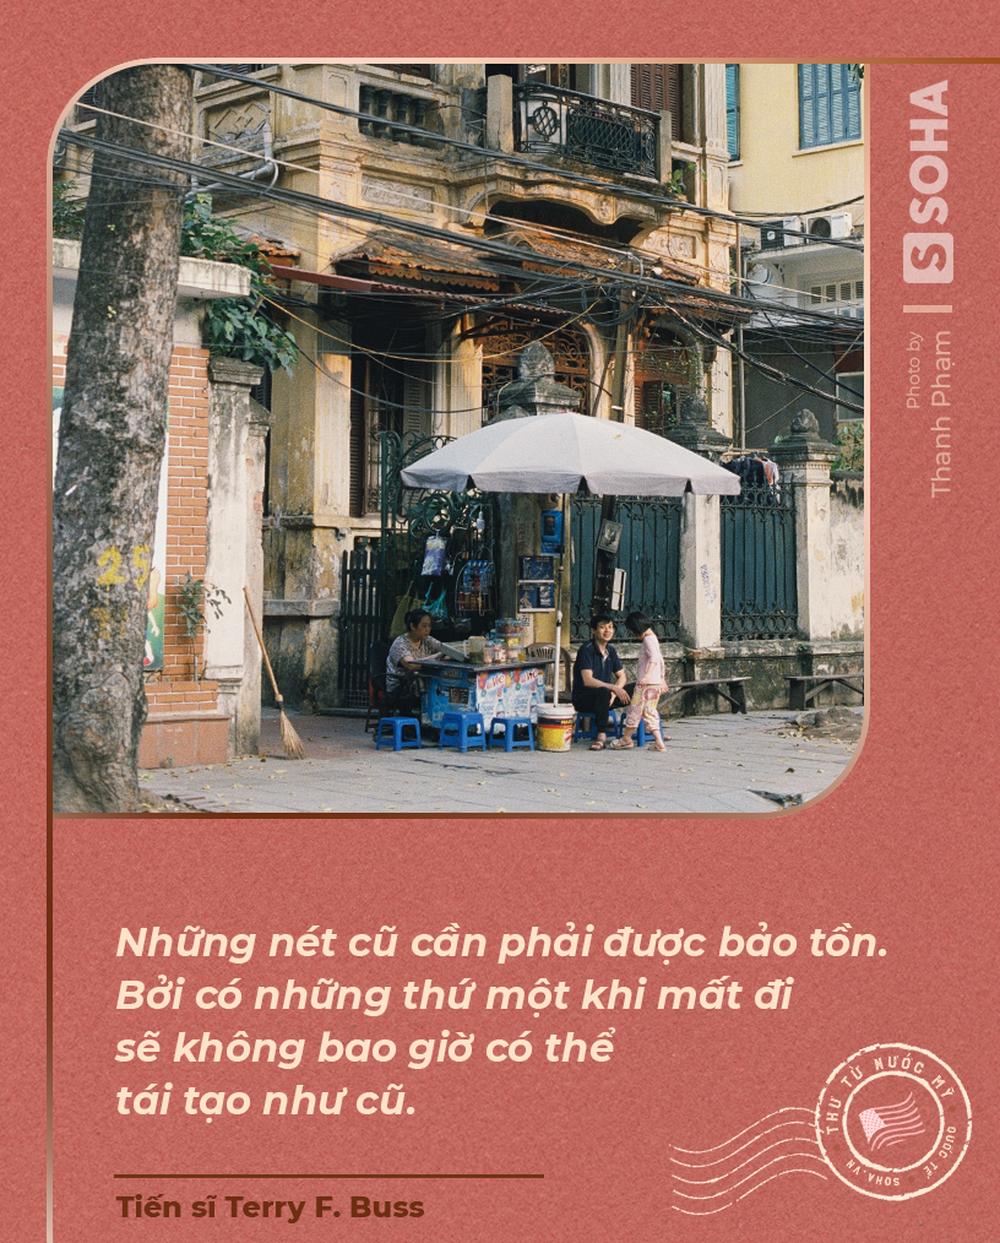 Trái tim tan chảy vì những tháp Eiffei mini giữa lòng phố Việt và cách người Hà Nội cổ đi trước thời đại cả nghìn năm - Ảnh 8.